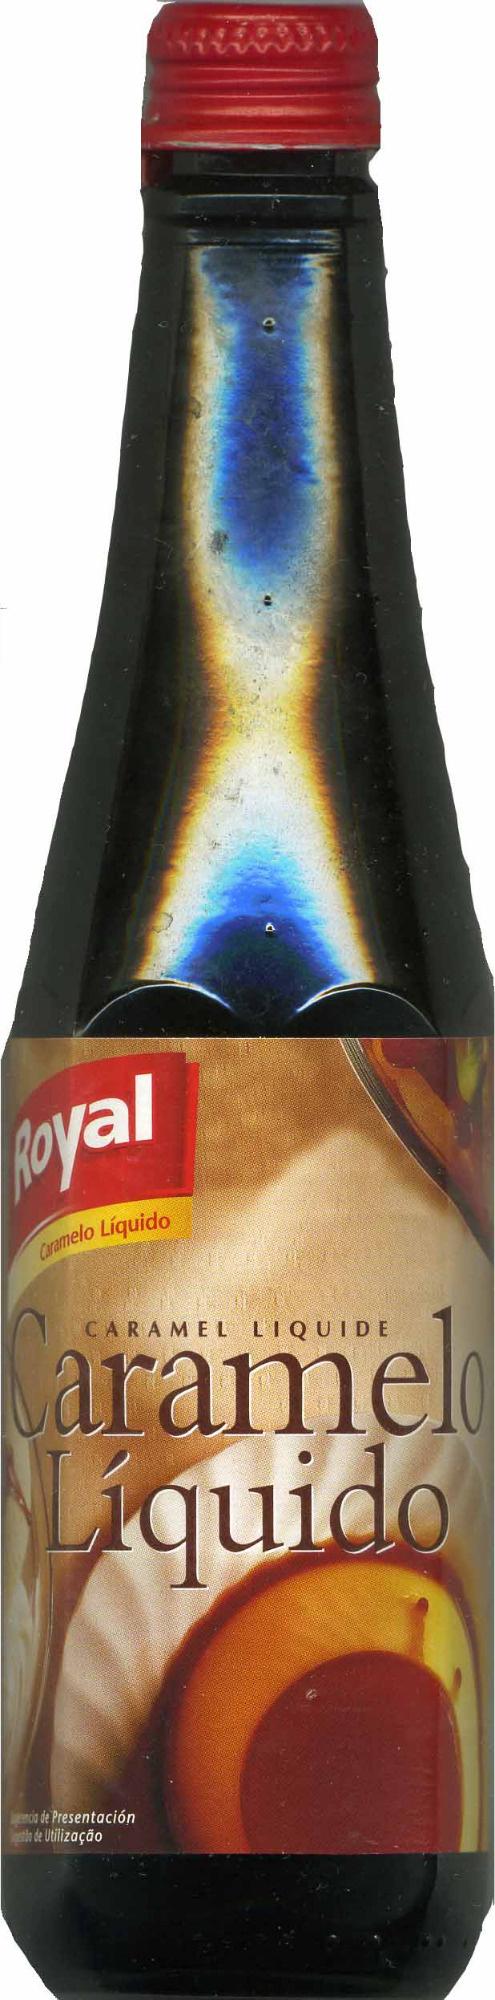 Caramelo Liquido - Produit - es